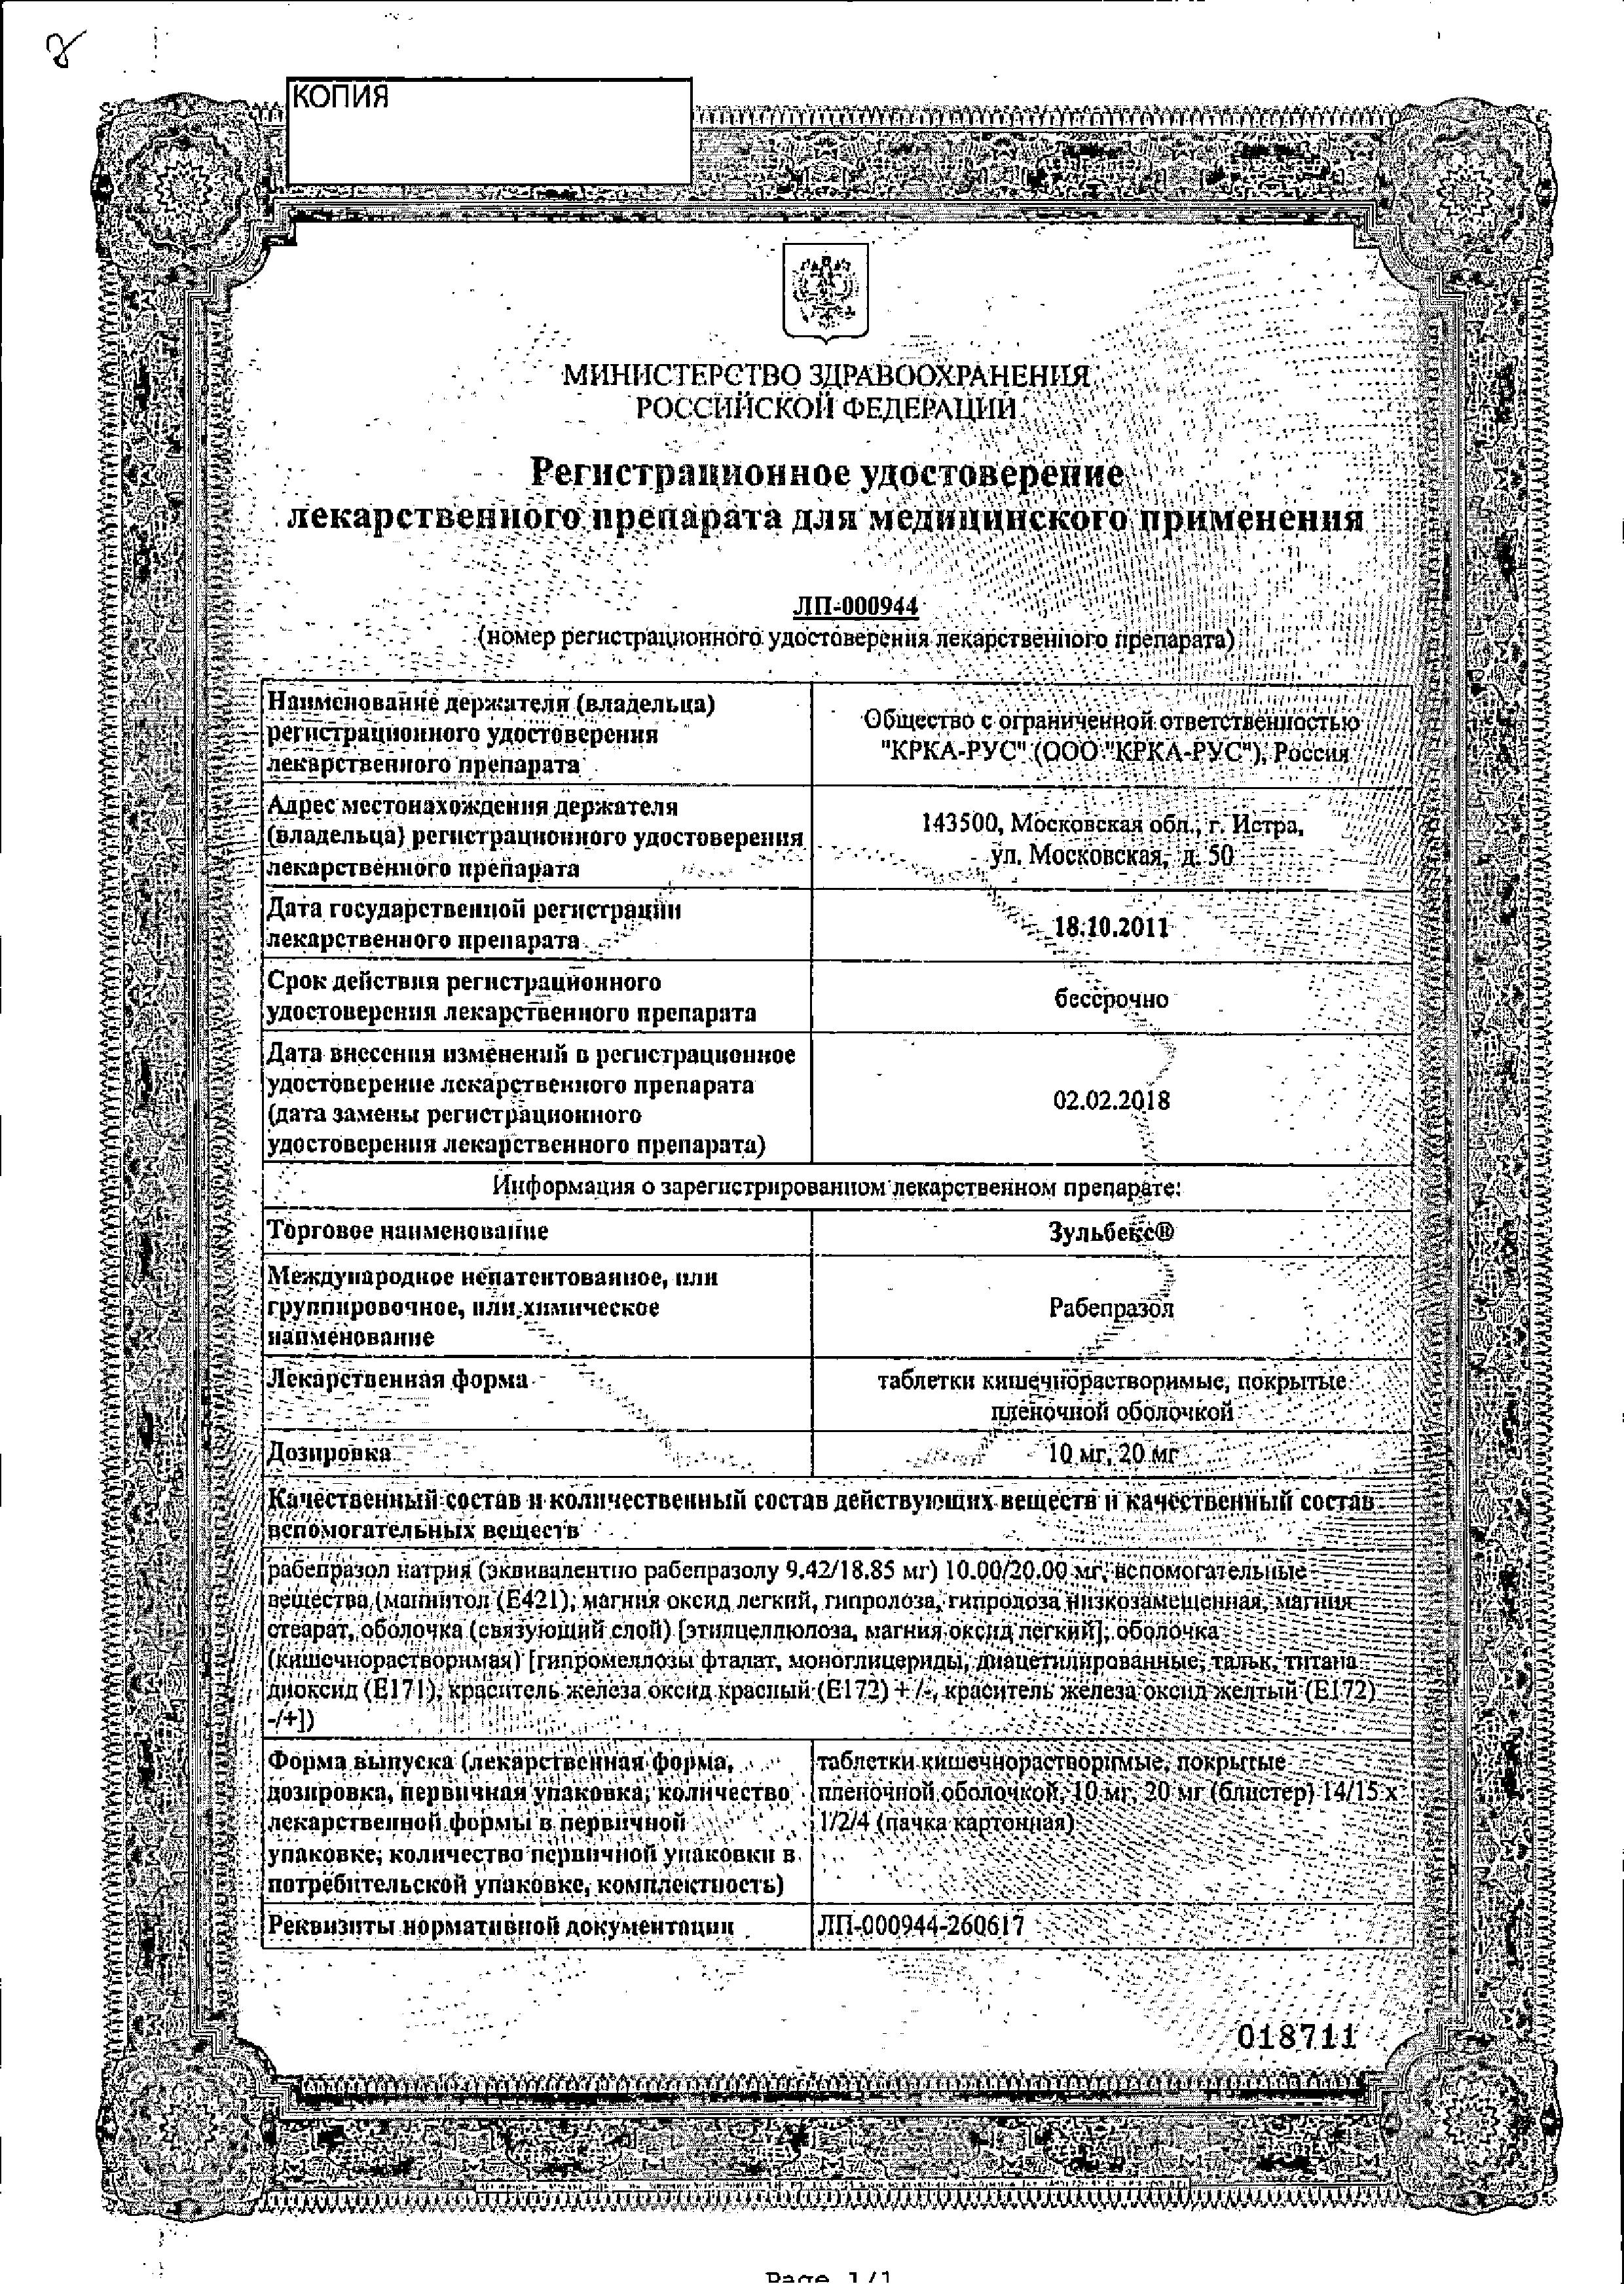 Зульбекс сертификат